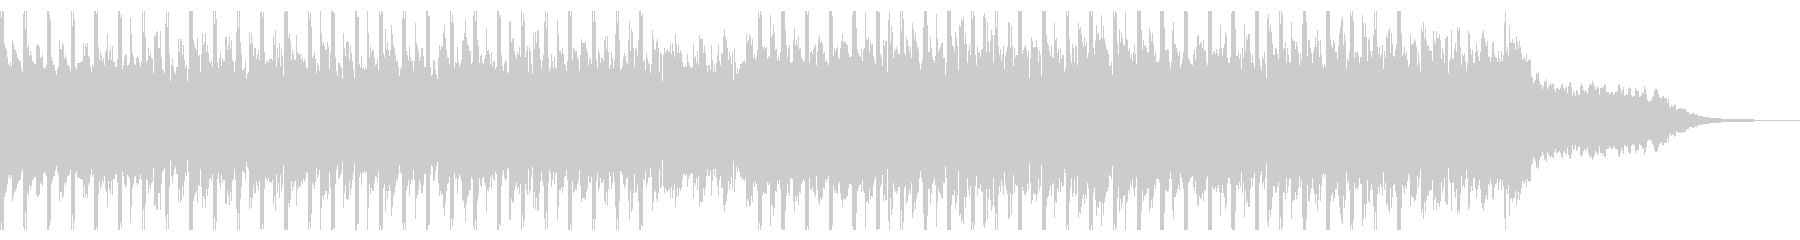 アチーブメント(40秒)の未再生の波形